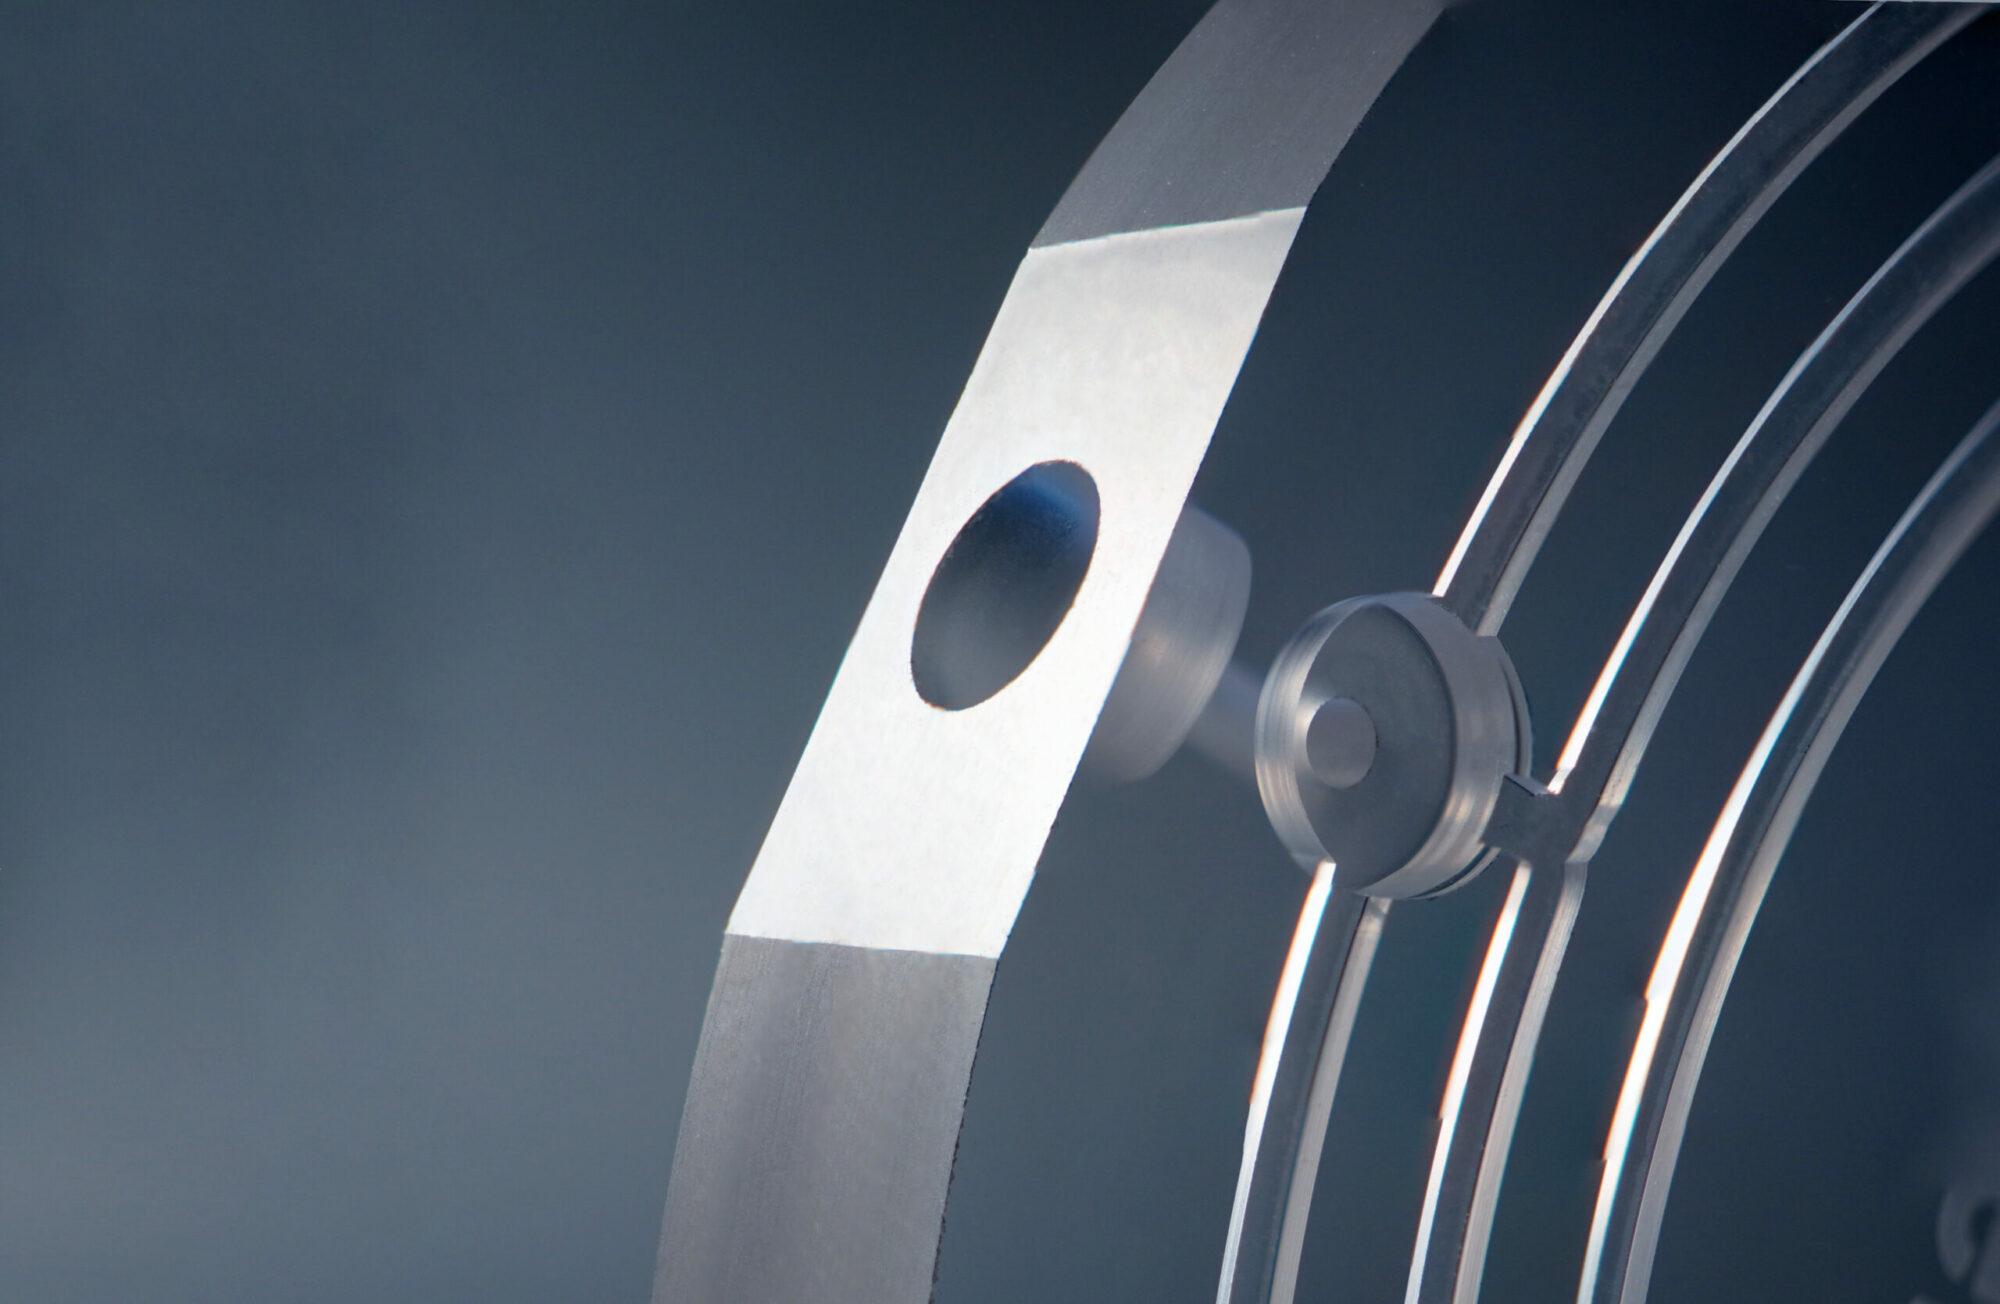 Integrierte Lichteinkoppelstellen in einem Bauteil aus Glas